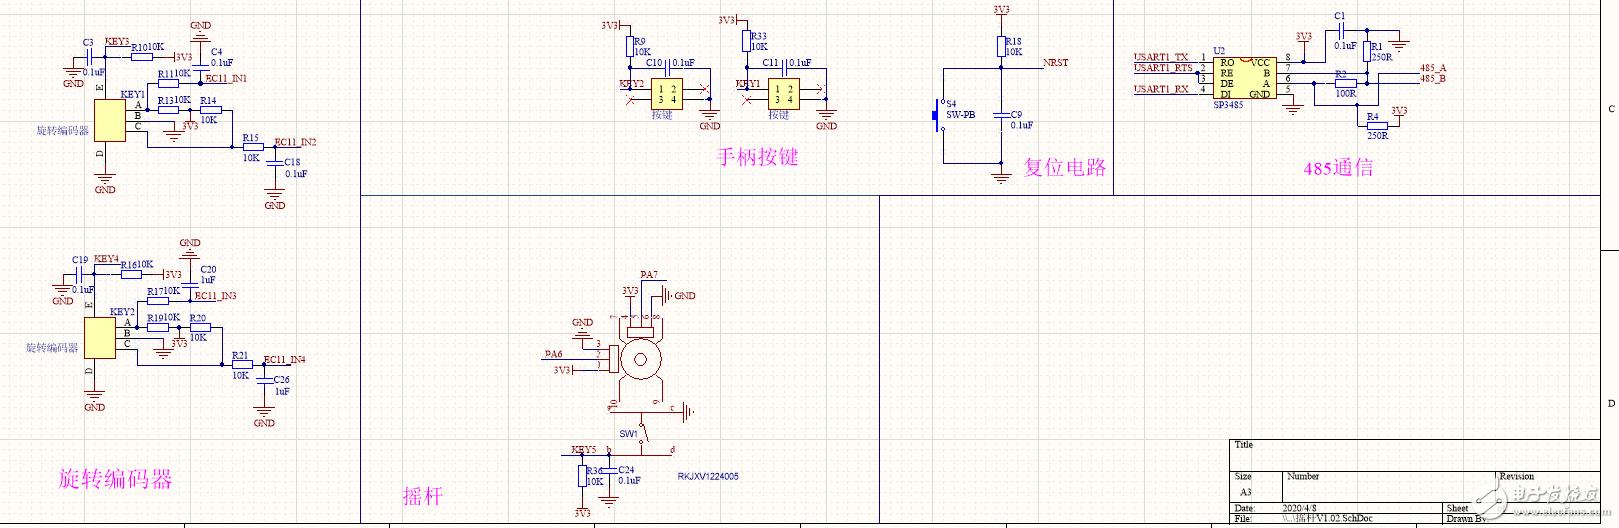 AMS1117输出电压不正常问题